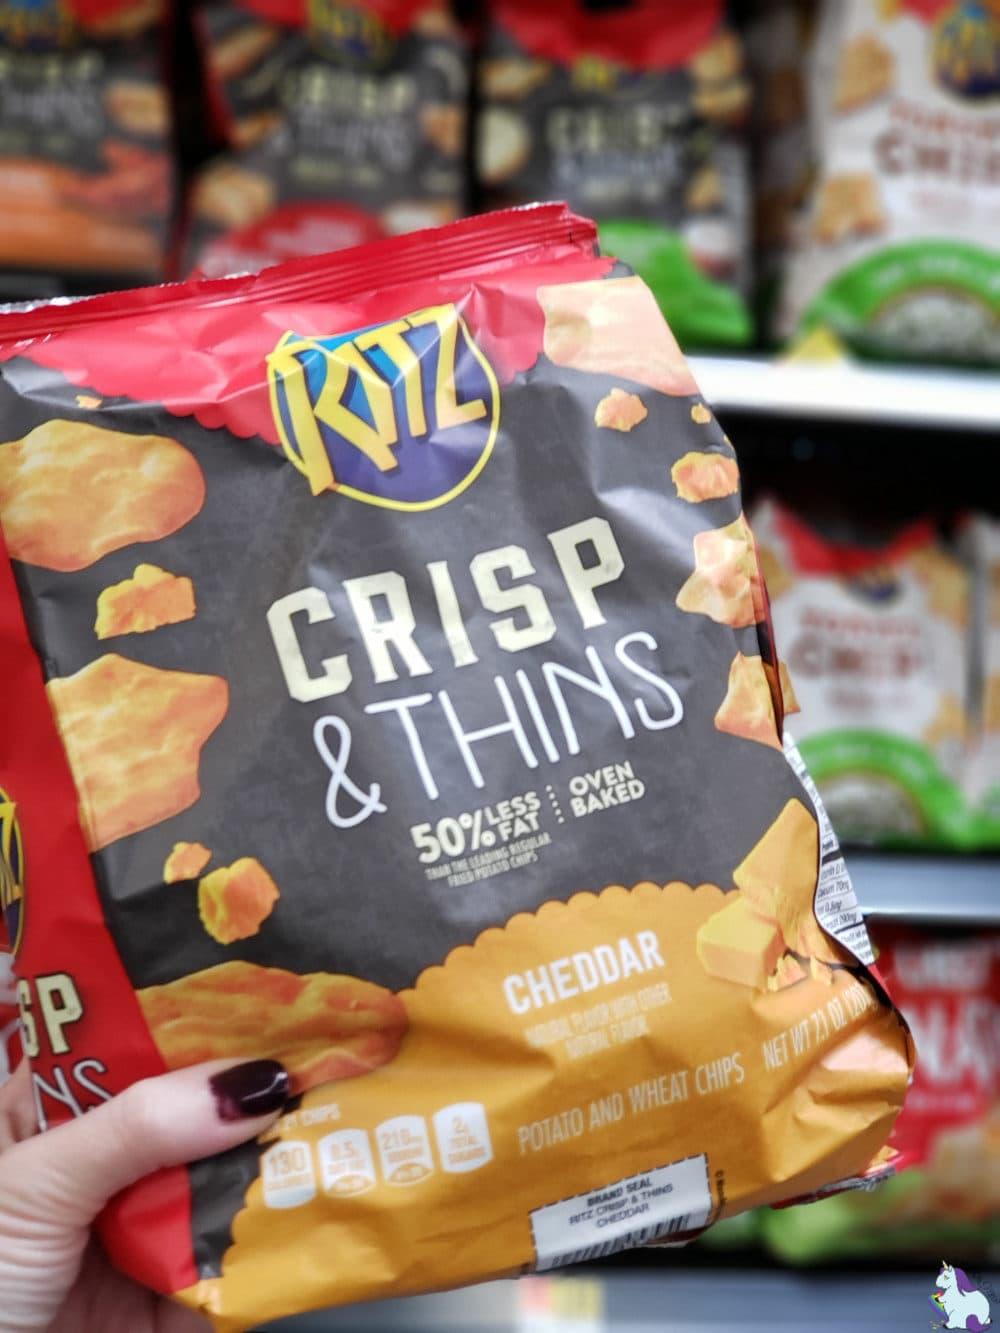 RITZ Crisp and Thins in Walmart